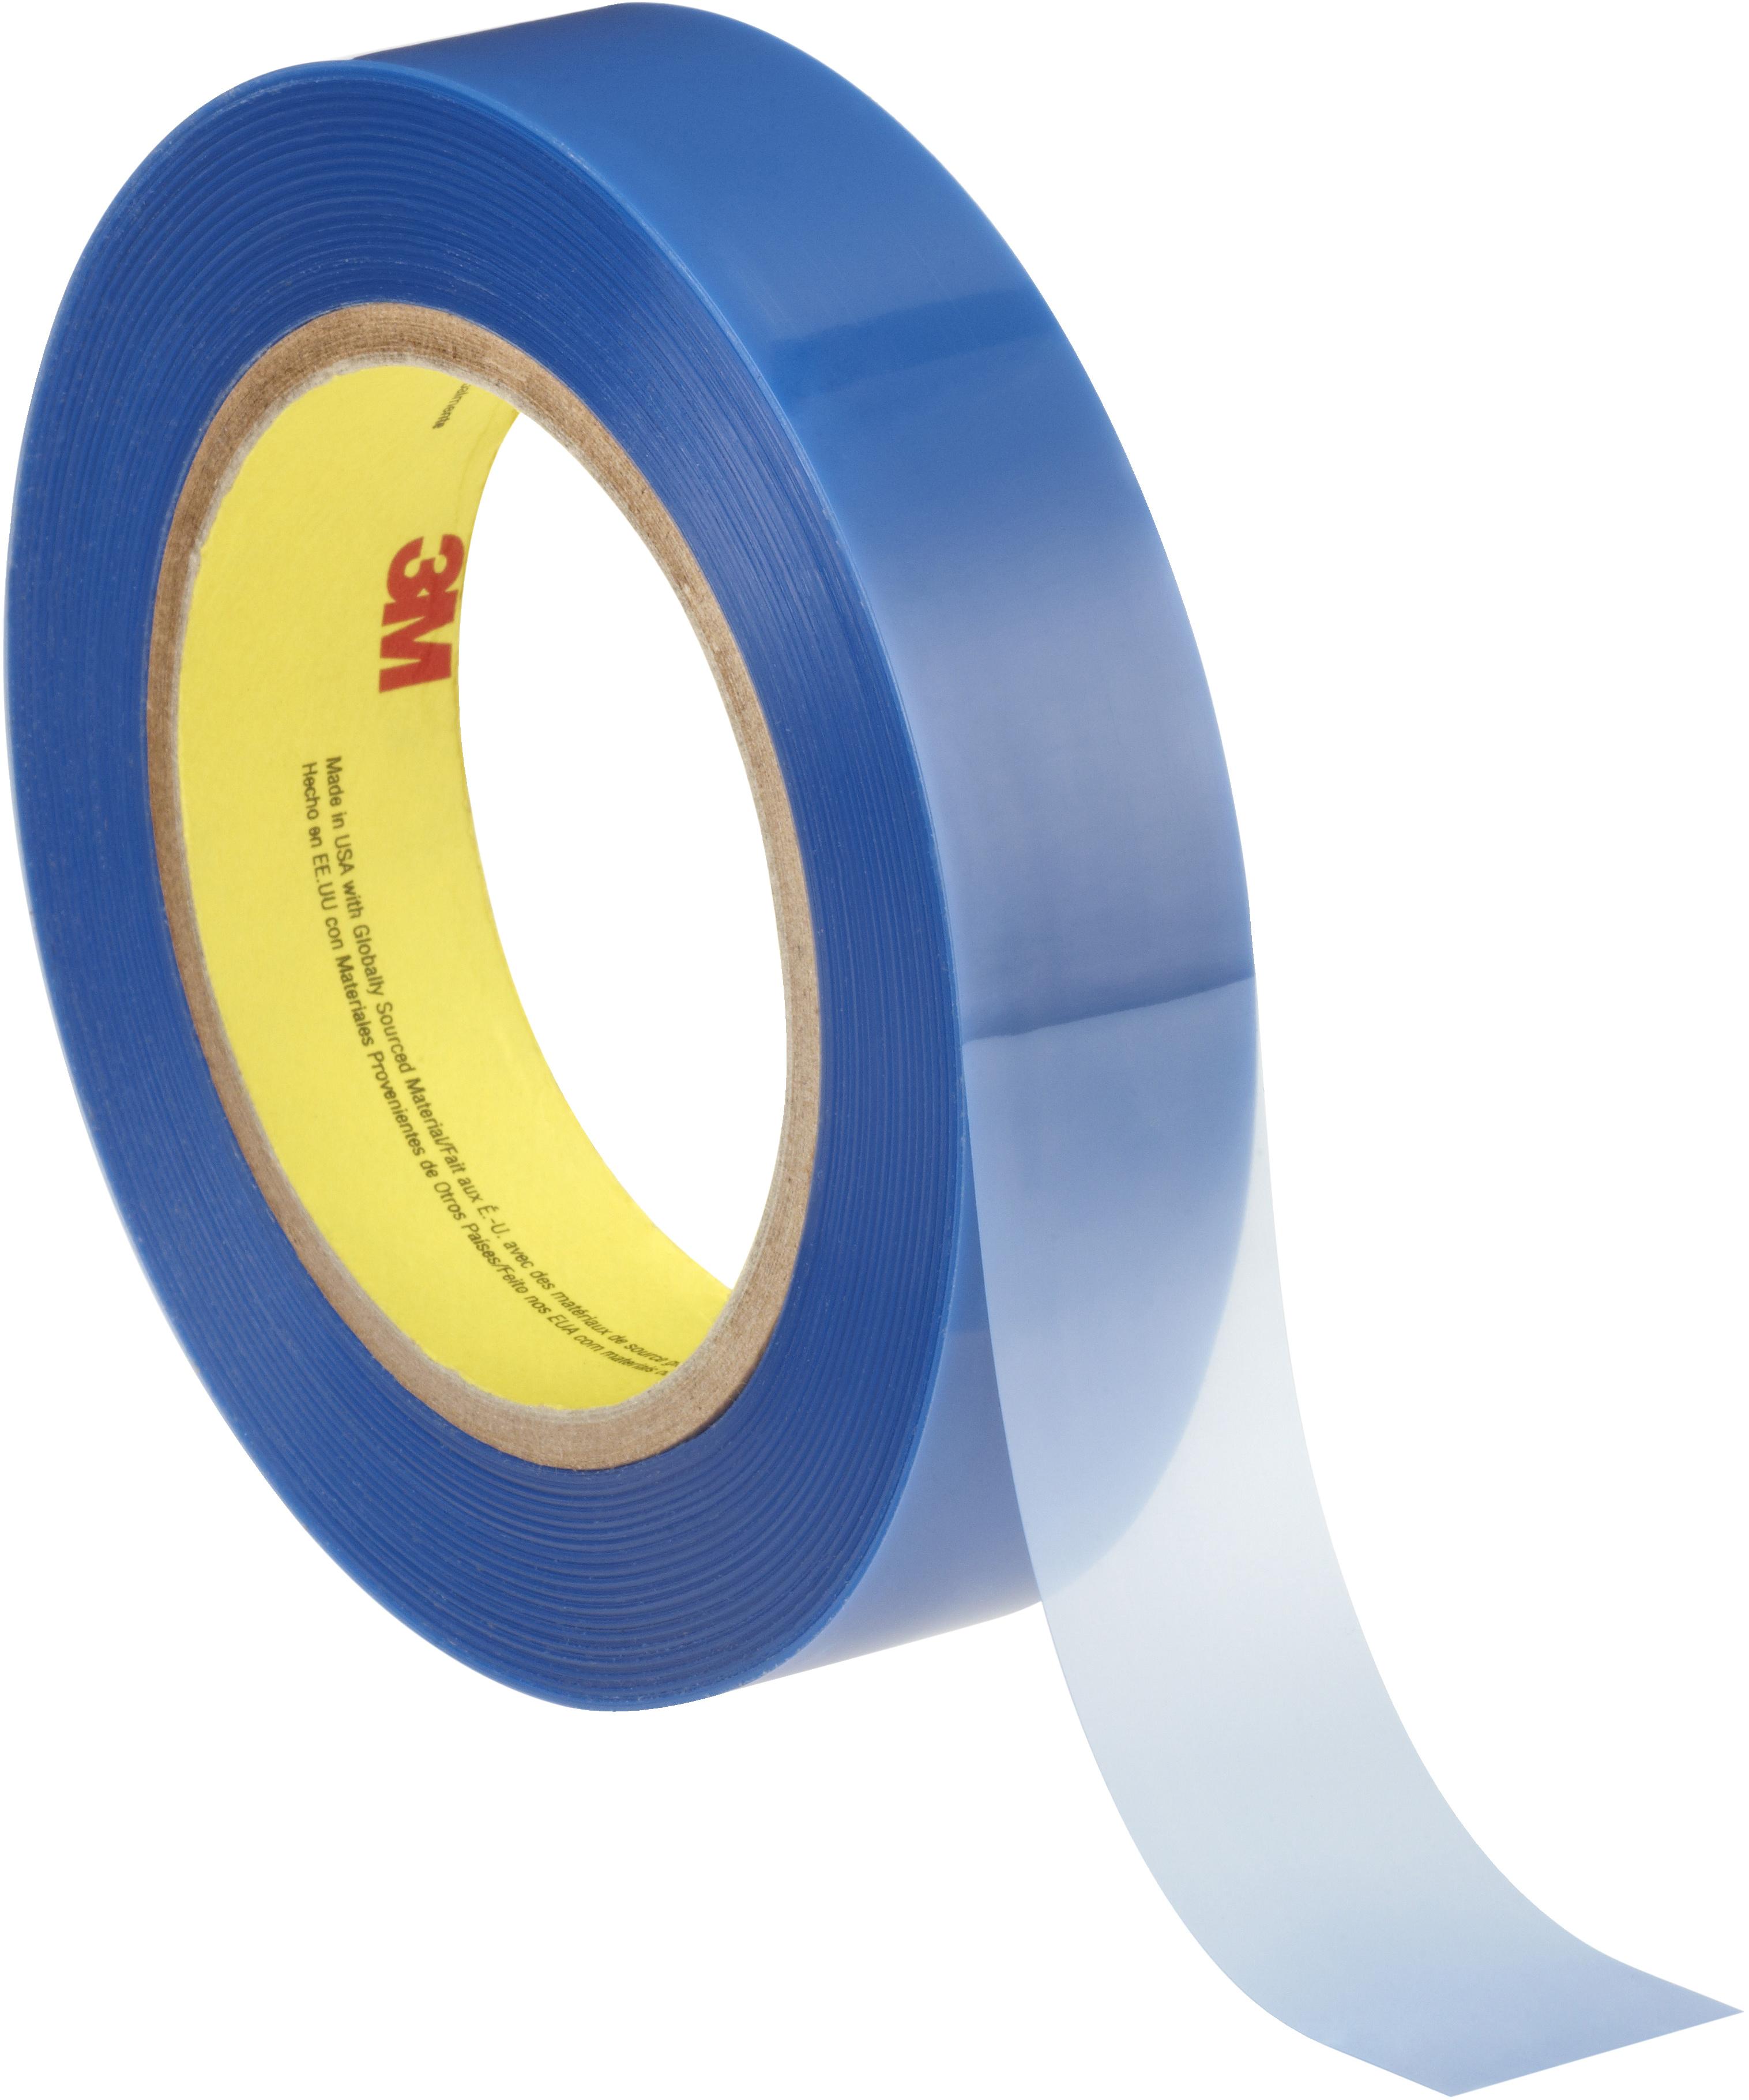 3m_polyester-abdeck-klebeband_für_pulverlackierung_8905